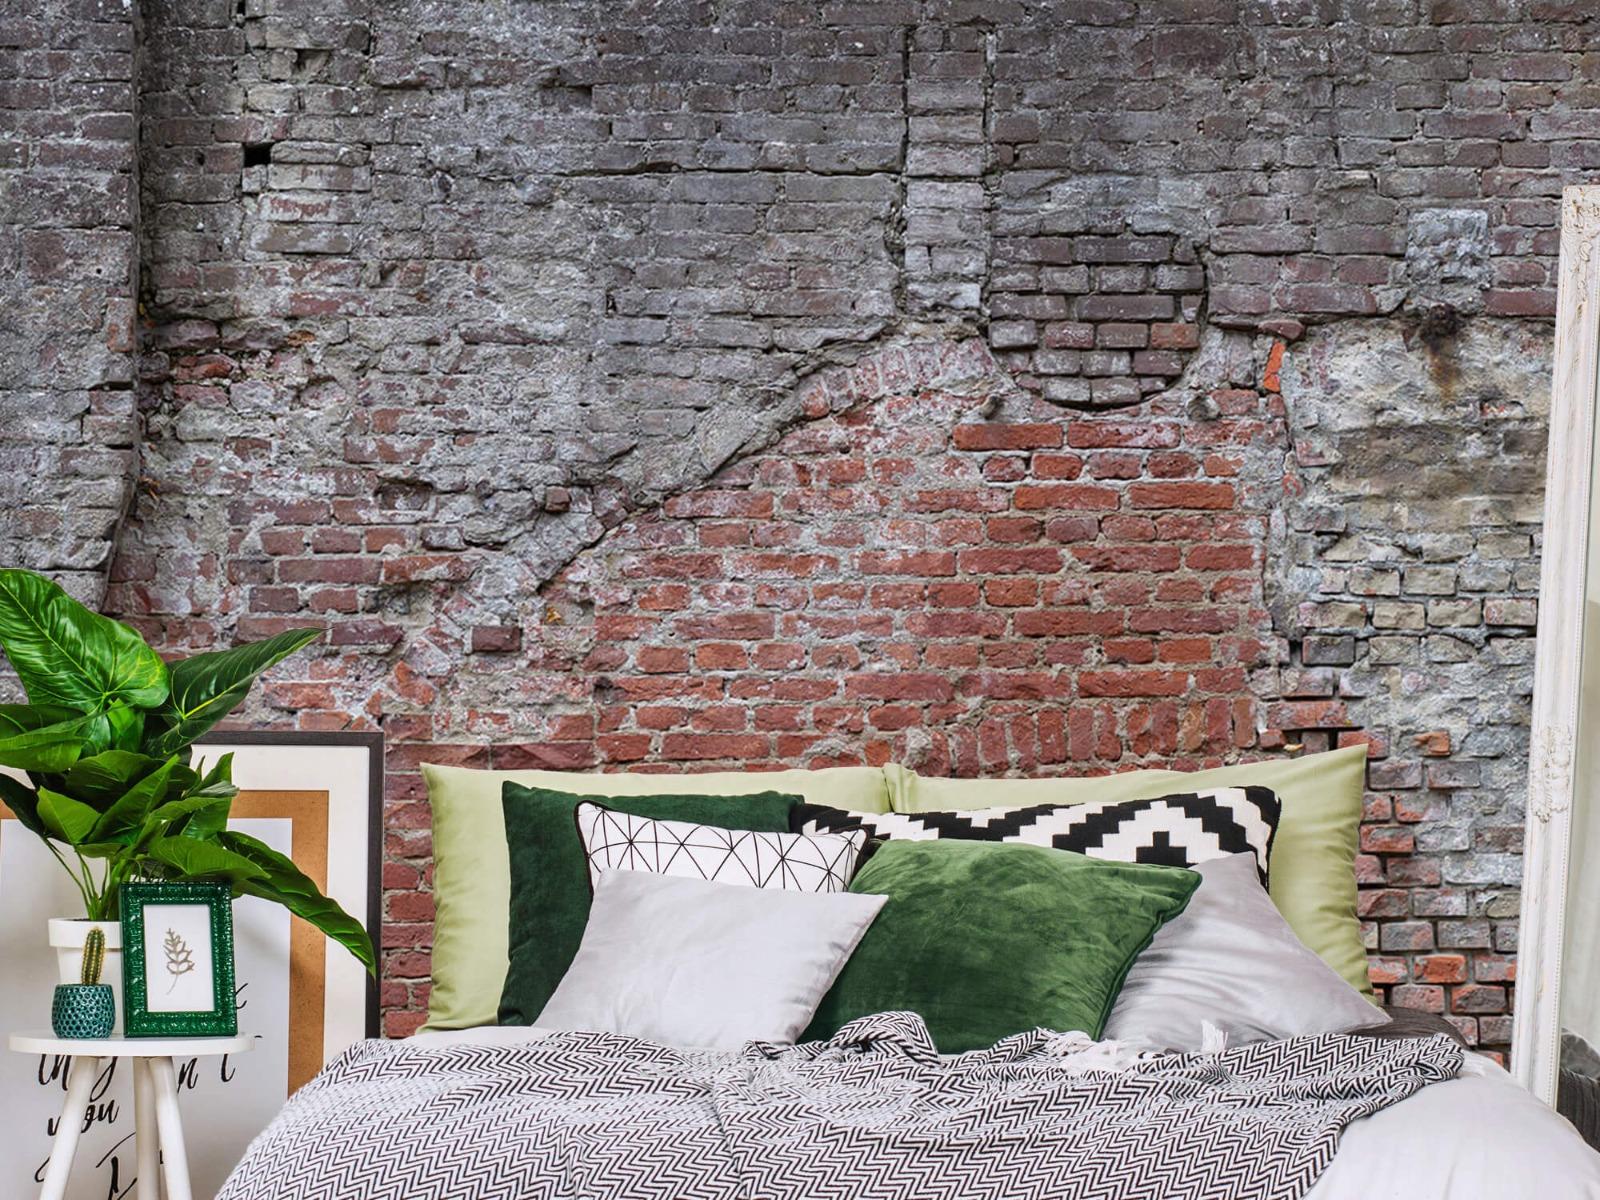 Steen behang - Oude herstelde stadsmuur - Tienerkamer 12